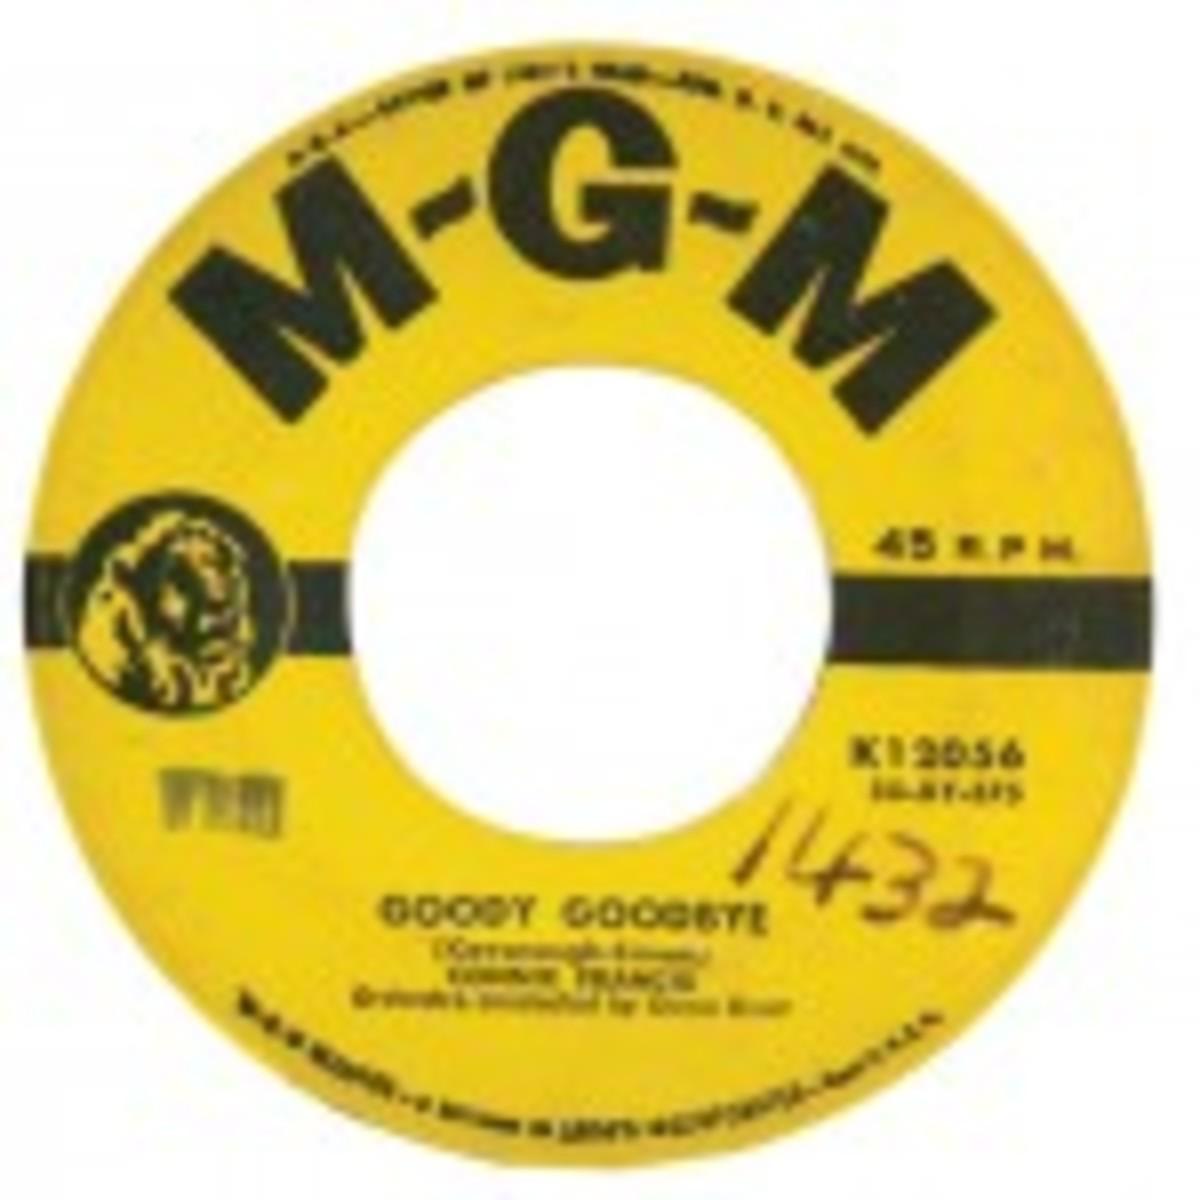 Connie Francis Goody Goodbye